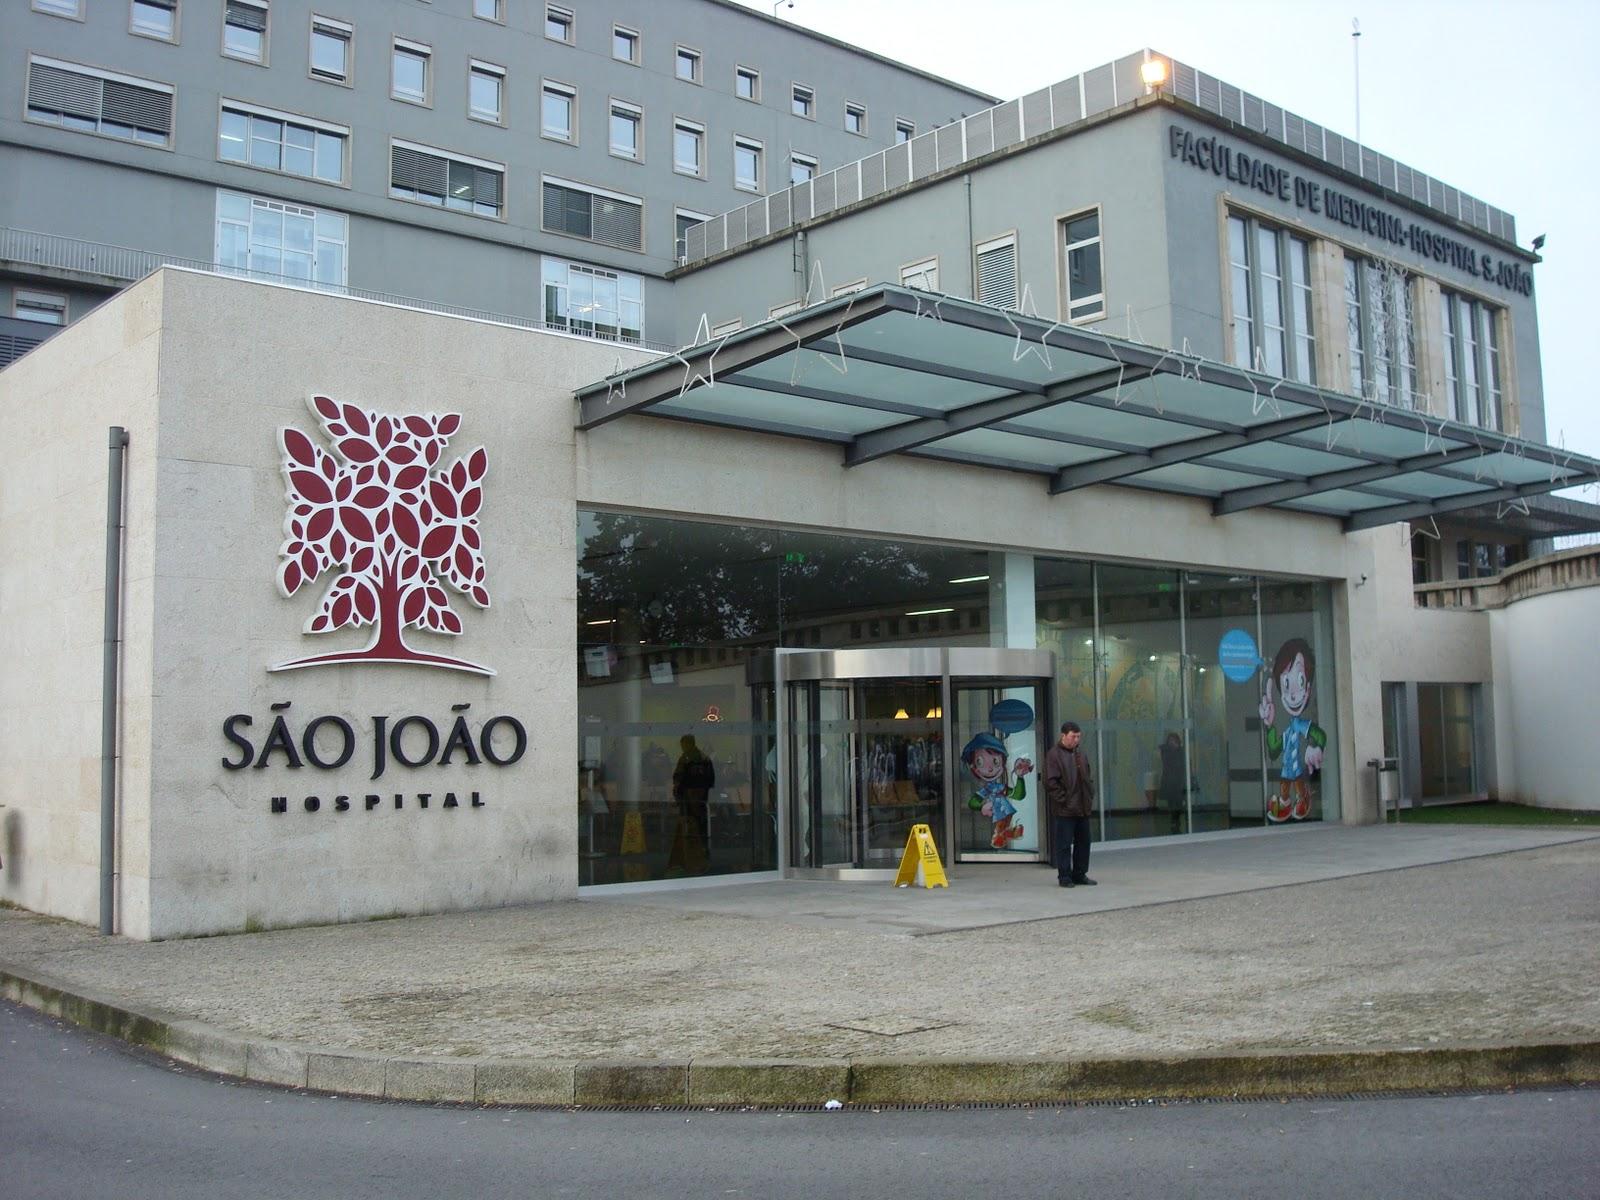 Hospital de S.João sensibiliza para a doação de órgãos após decréscimo devido à pandemia